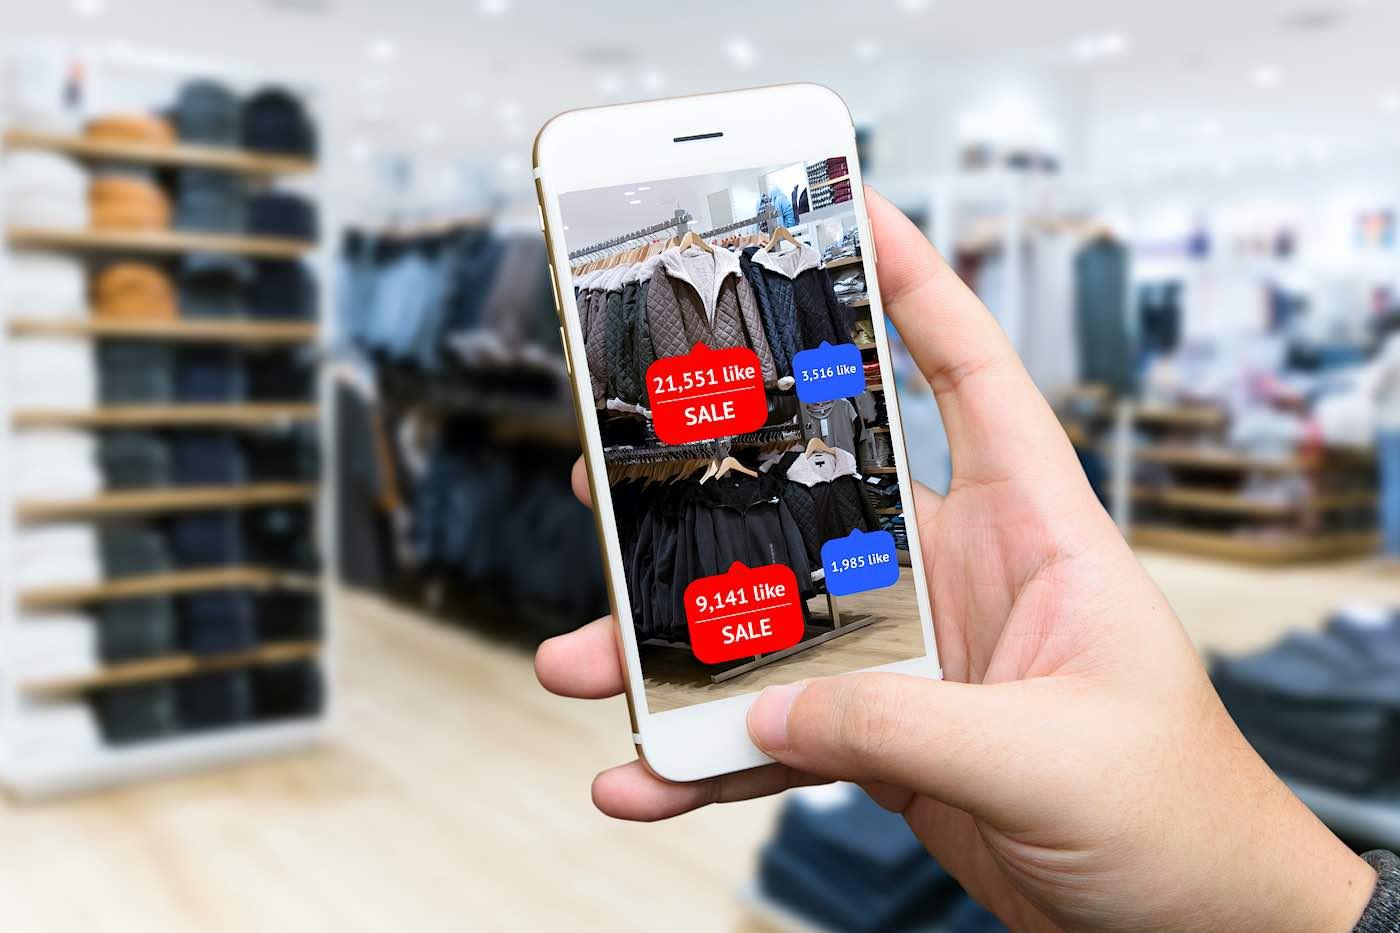 Se estima que en 2020 cien millones de personas compraron utilizando realidad aumentada.